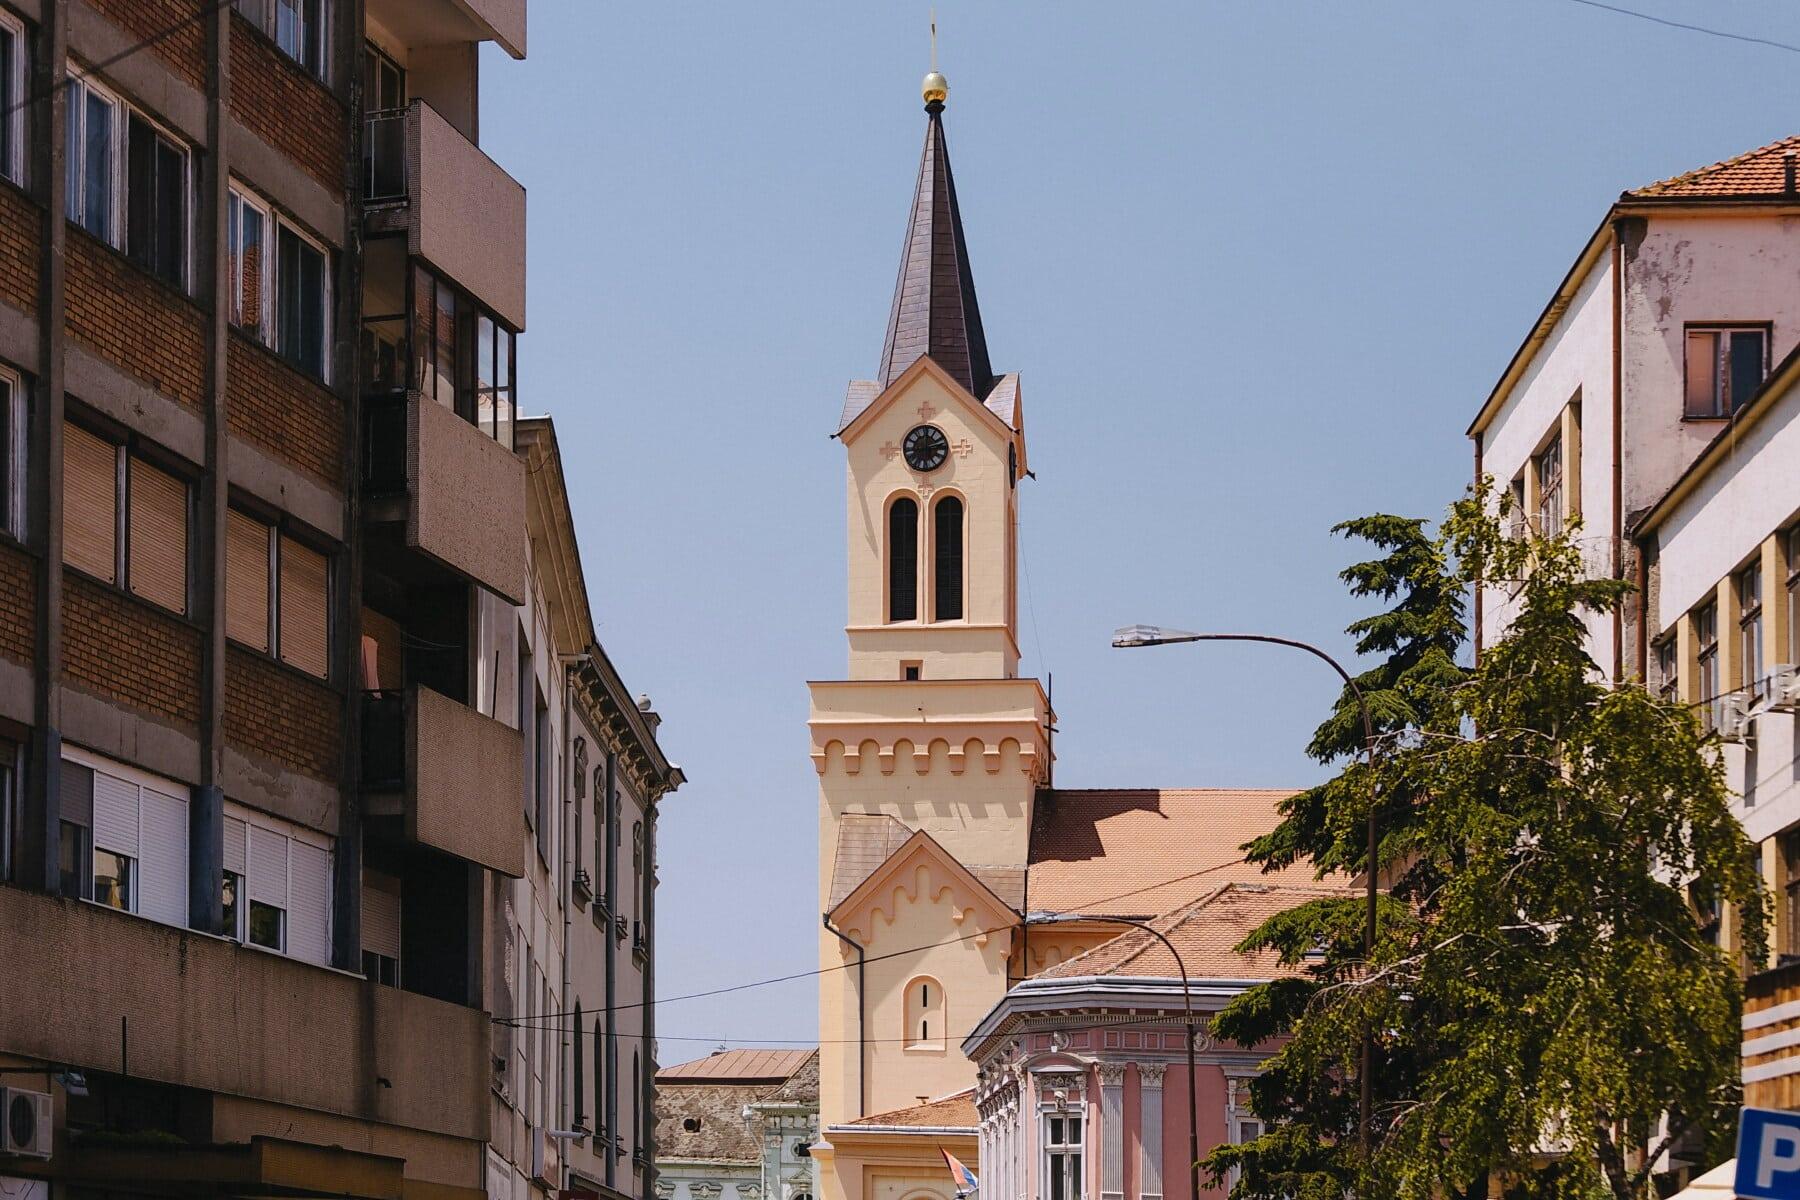 crkveni toranj, ulica, centar grada, arhitektonski stil, Europski, Evropa, arhitektura, socijalizam, religija, pokrivanje